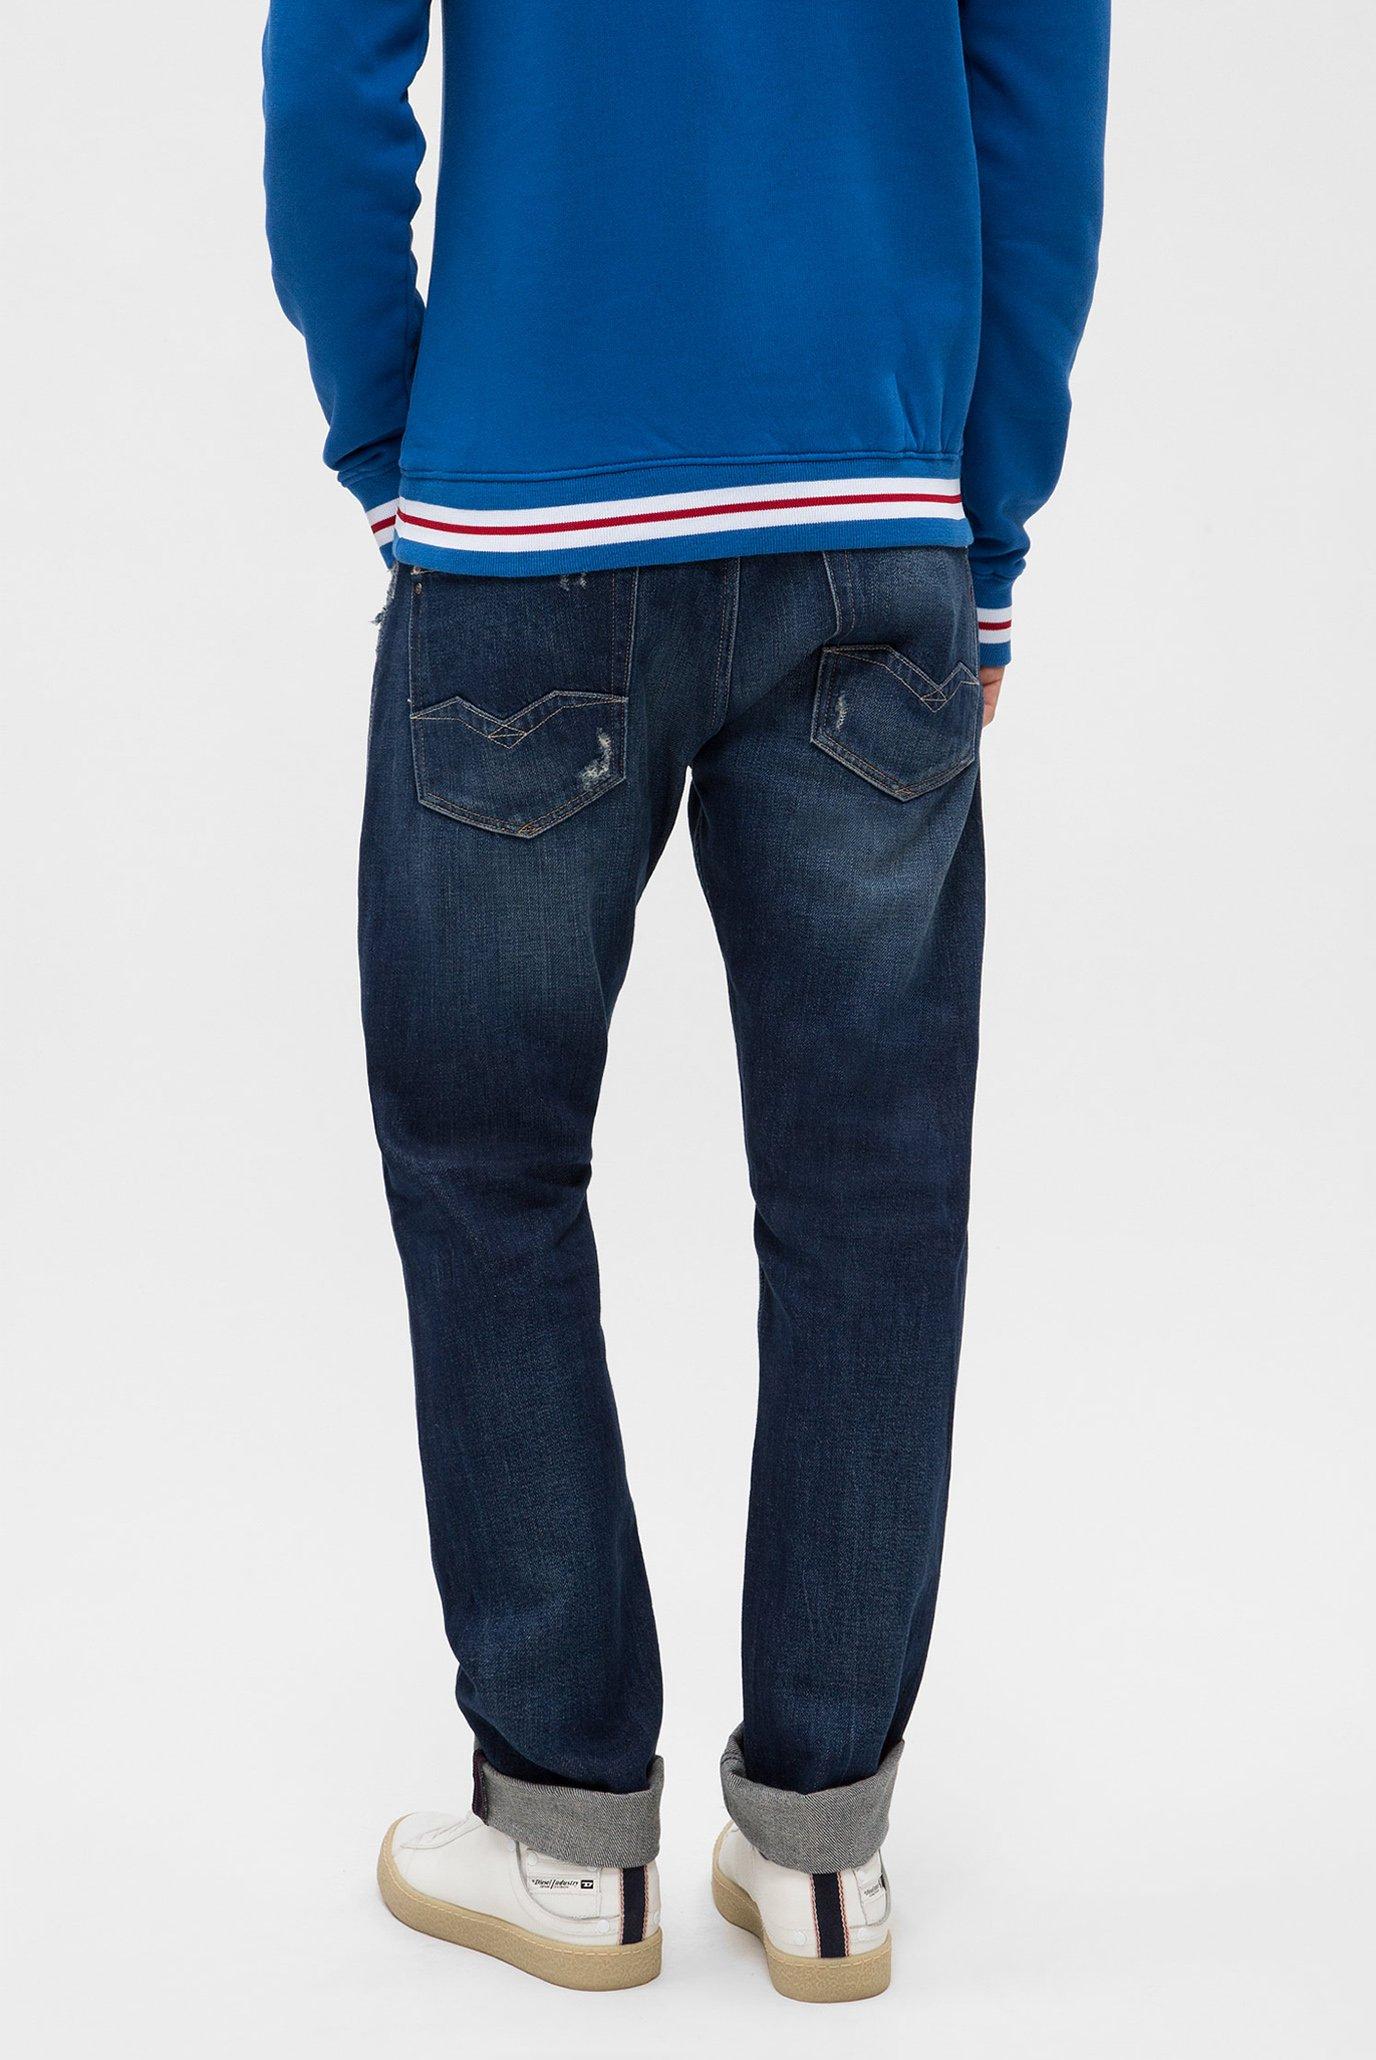 Купить Мужские синие джинсы ROB Replay Replay MA950 .000.136 340 – Киев, Украина. Цены в интернет магазине MD Fashion